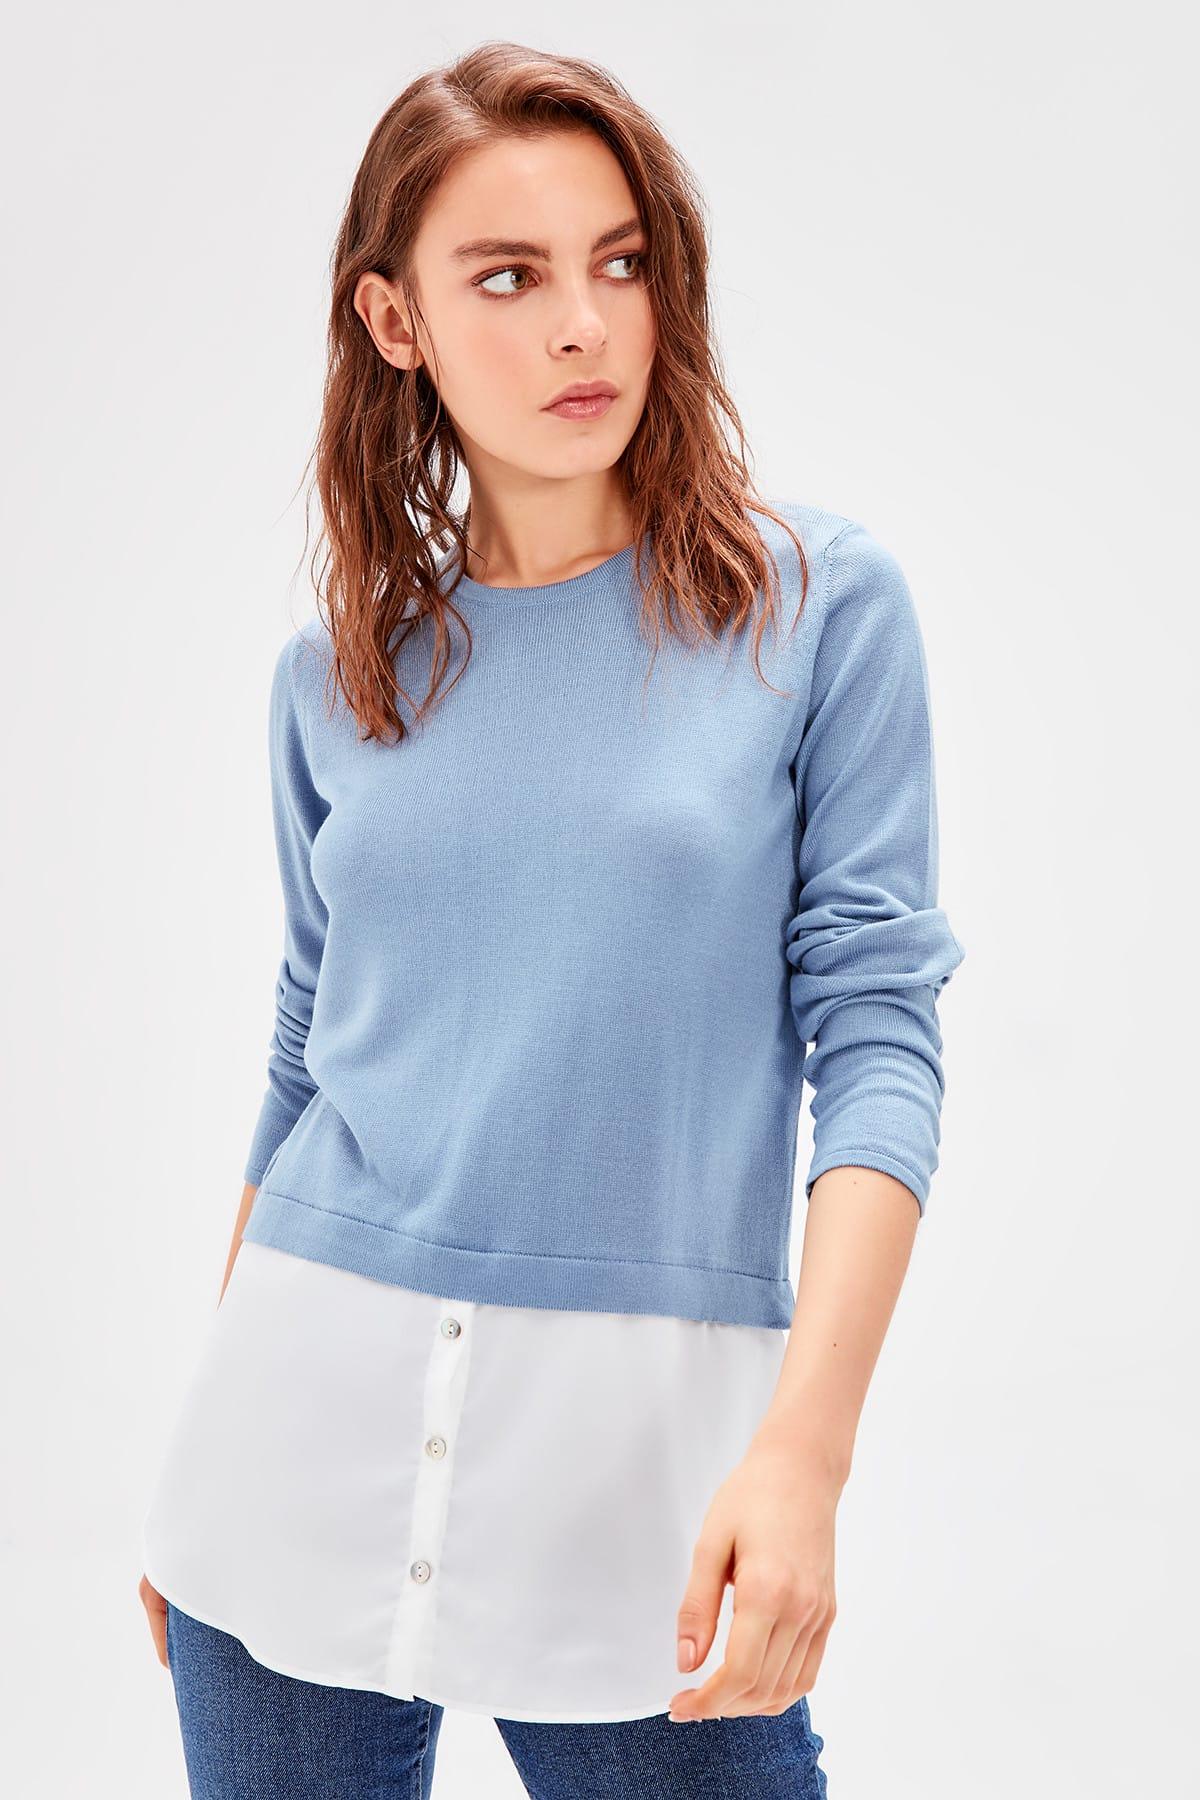 Trendyol WOMEN-Blue Chiffon Detailed Knitwear Sweater TWOAW20HB0001